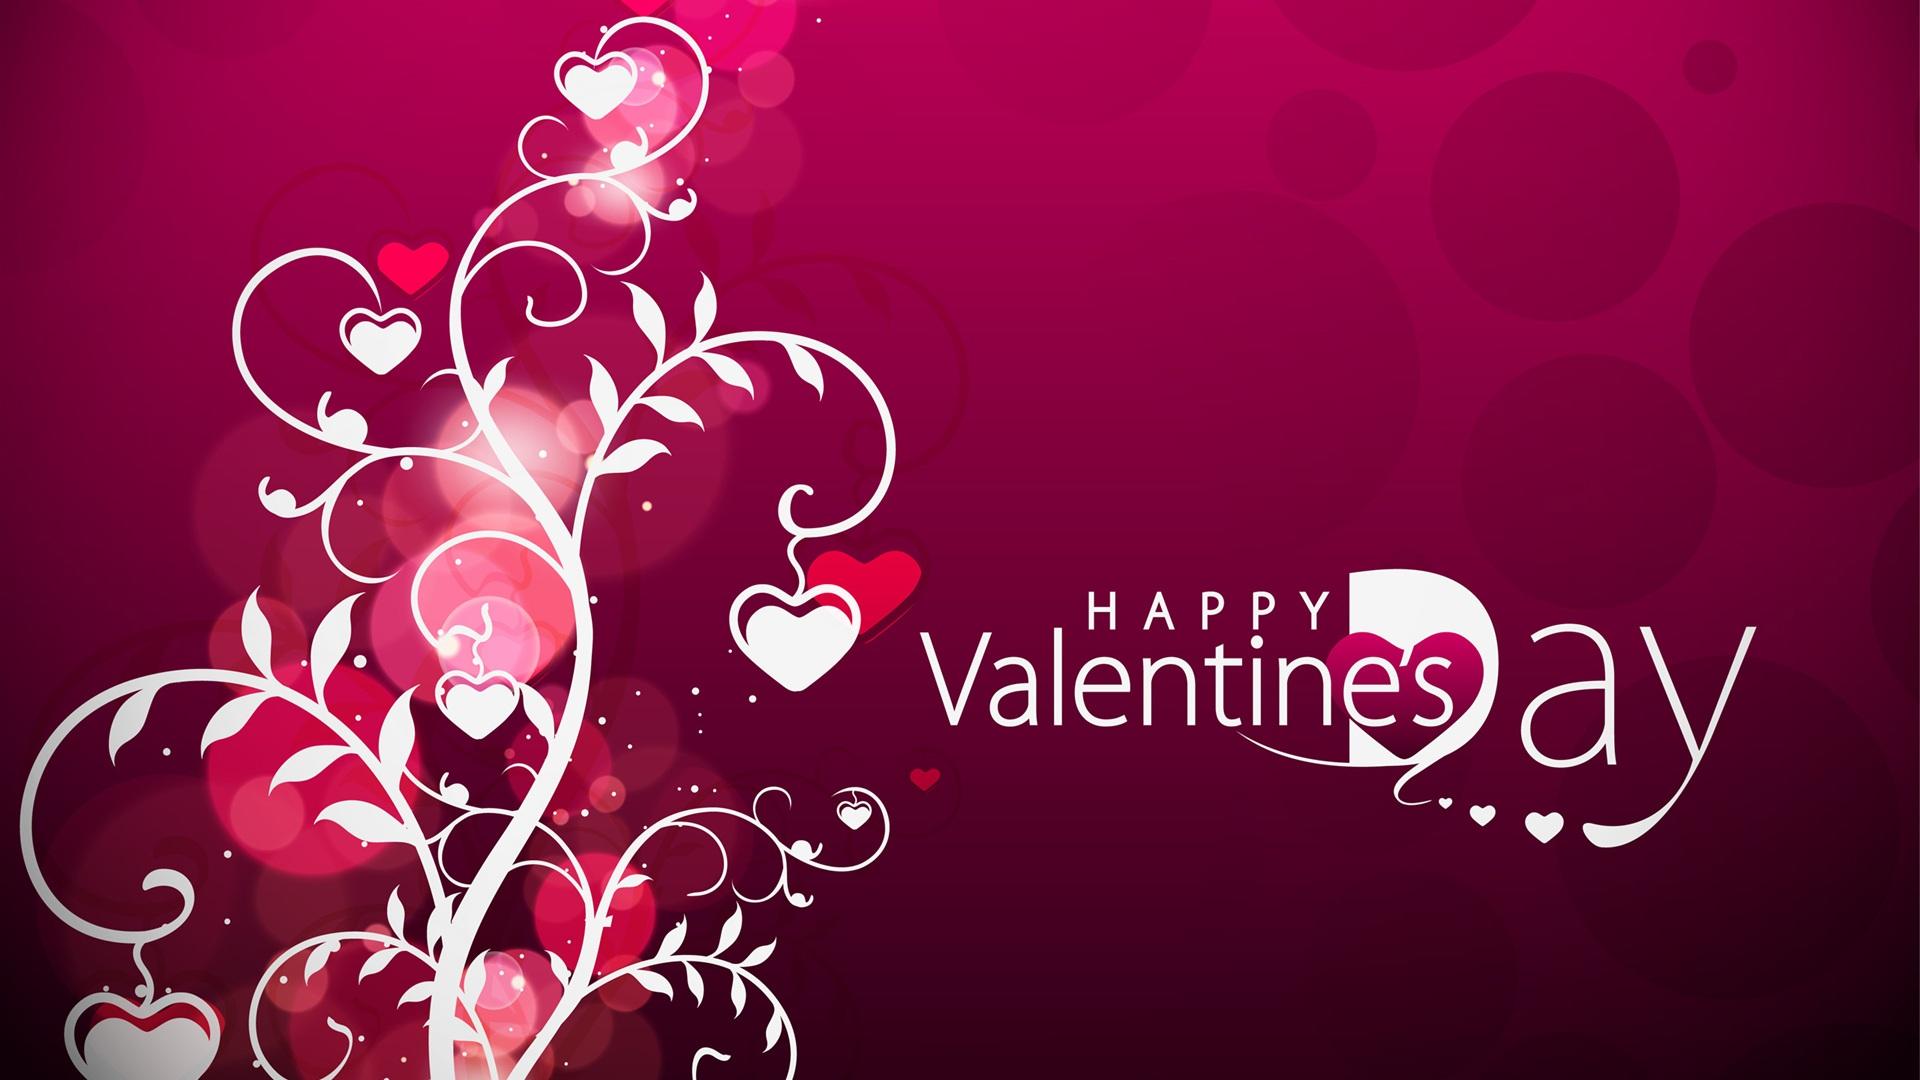 Valentine s Day hearts Wallpaper Desktop Wallpapers Wallpapers 1920x1080